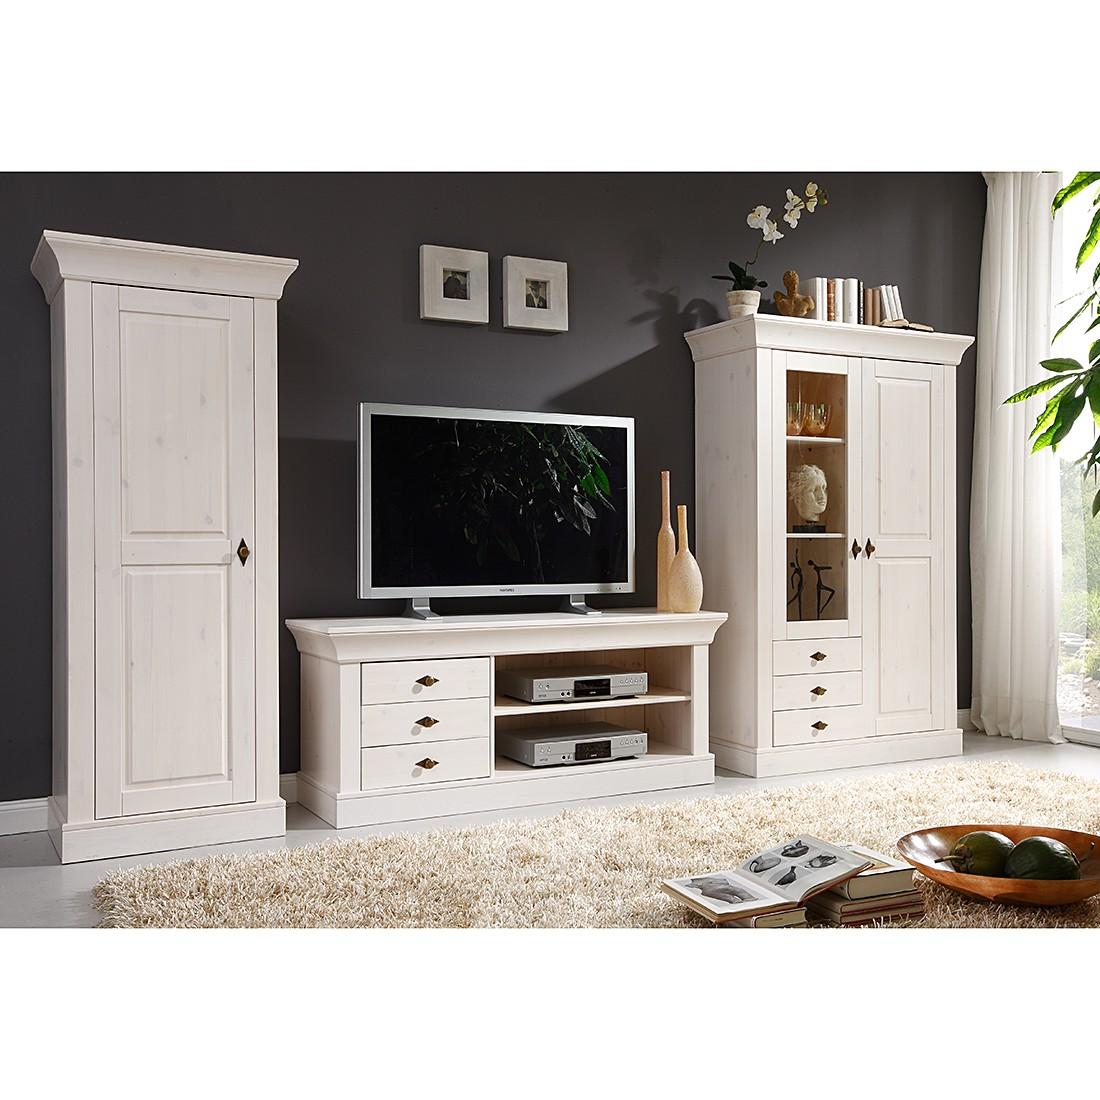 Schrankwände Schlafzimmer wohnzimmermöbel massiv weiß tesoley com